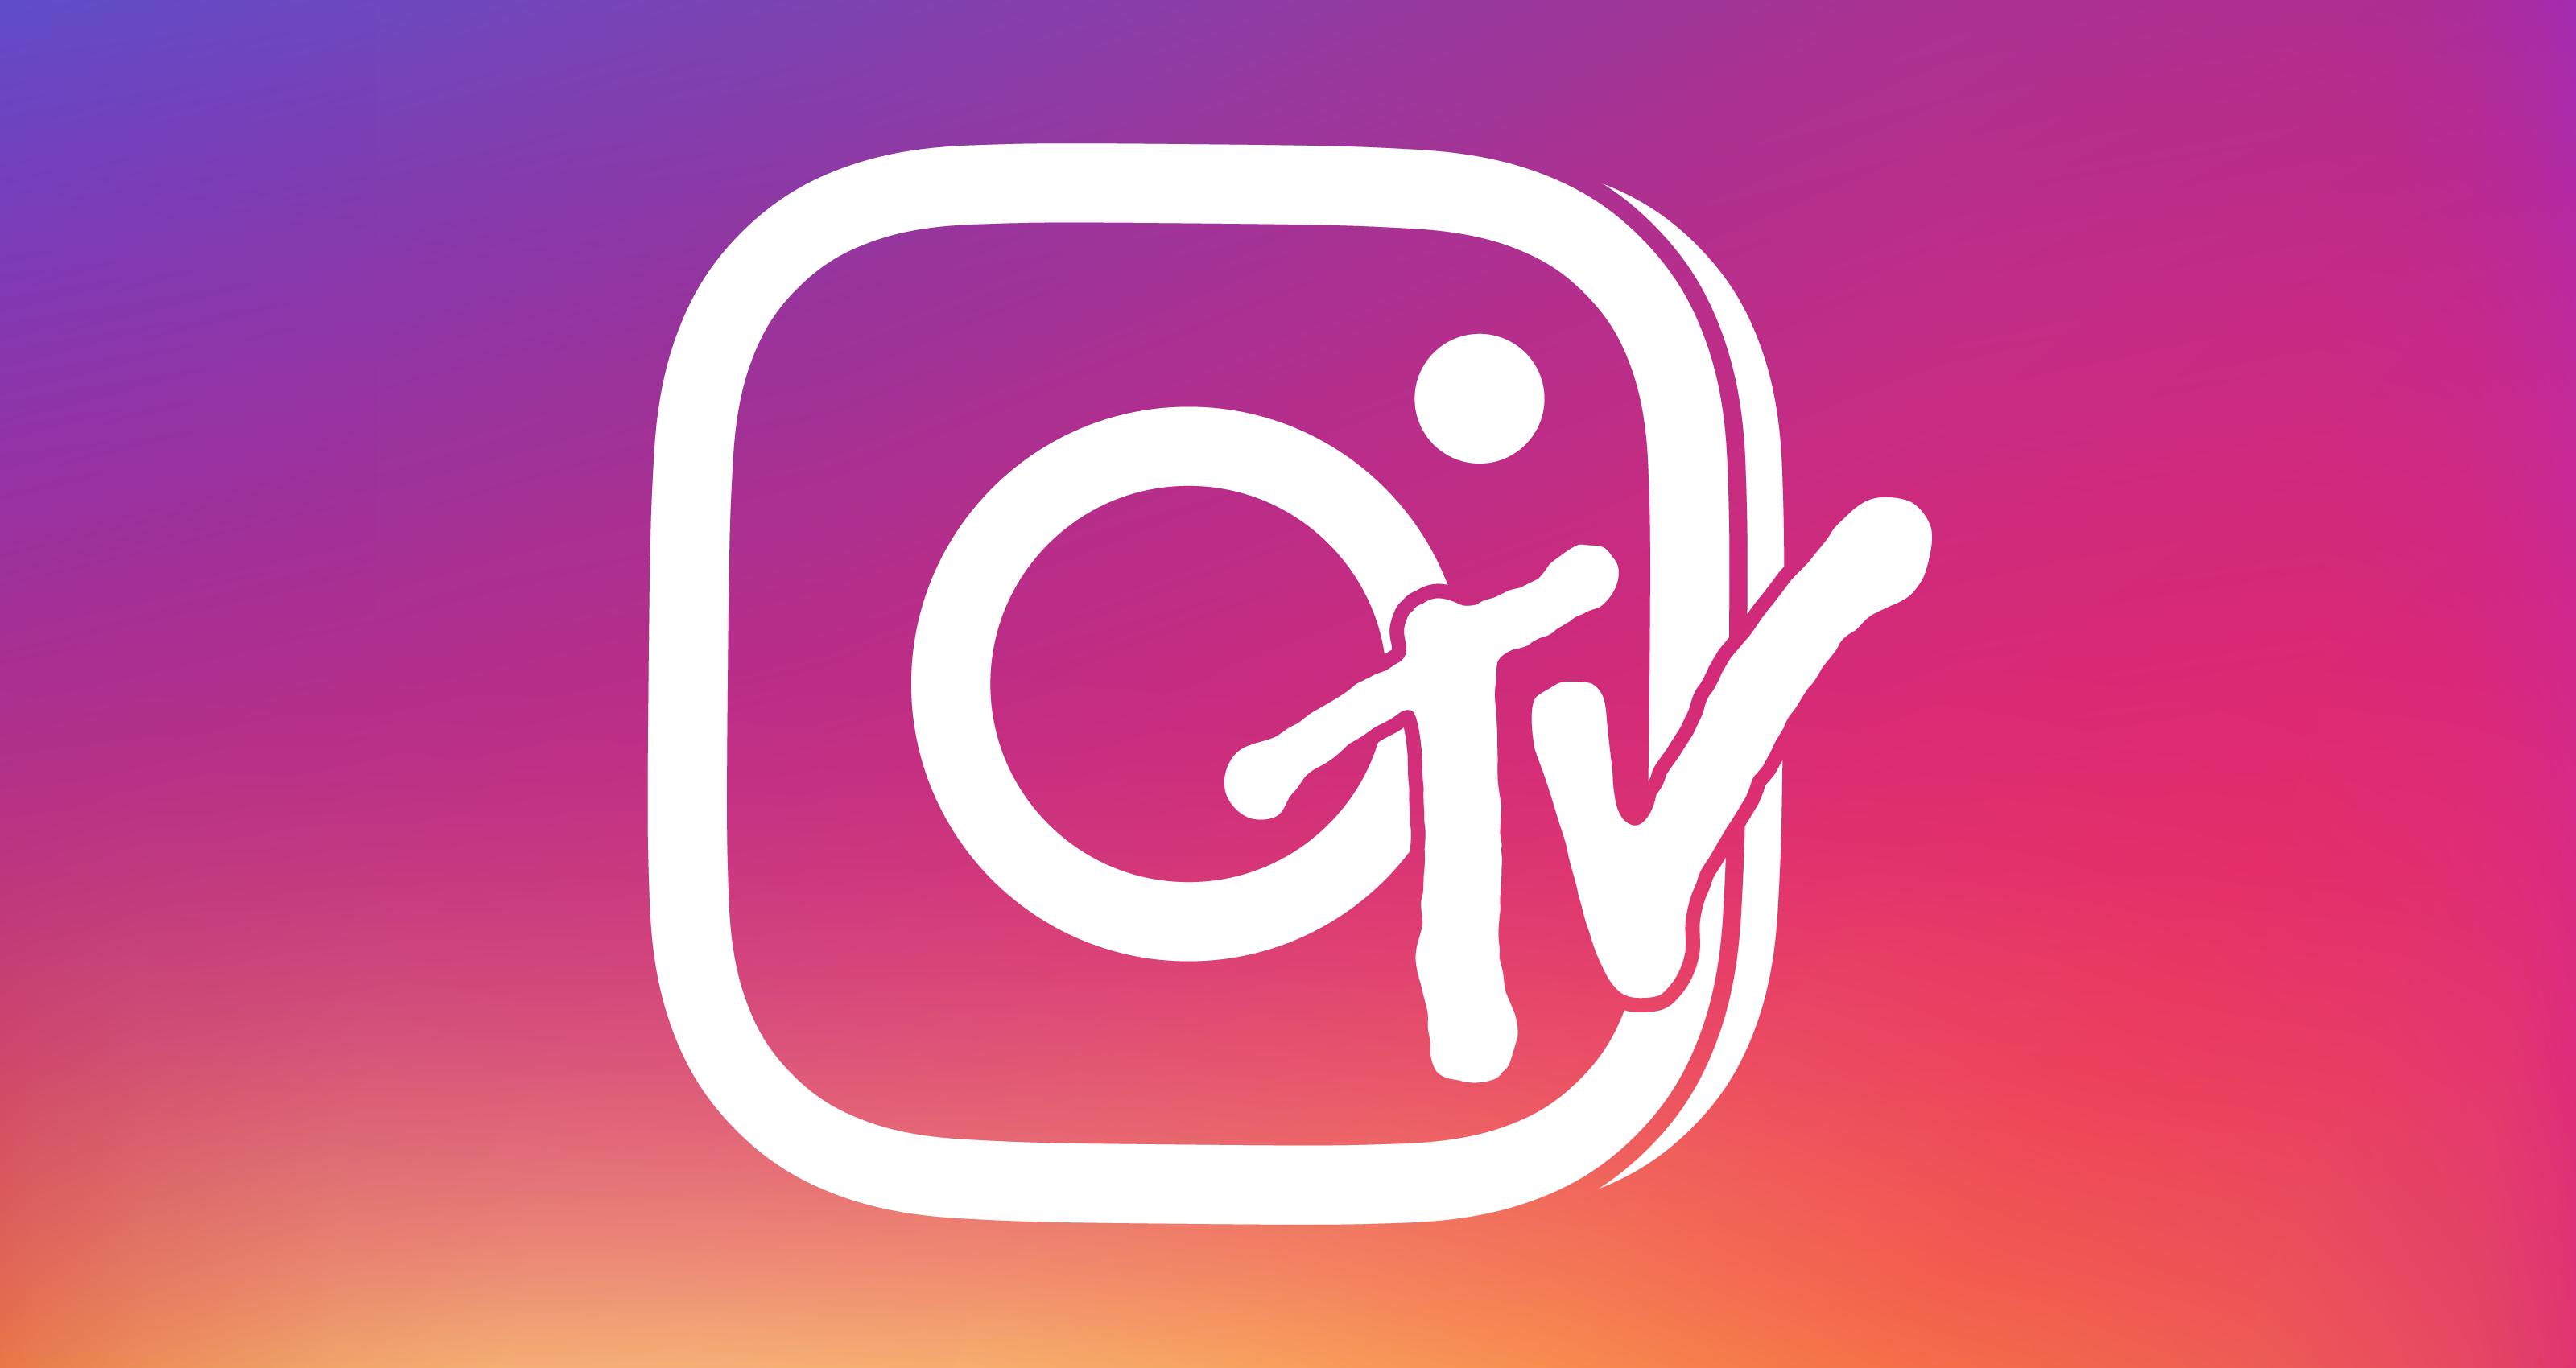 İçerik Üreticileri İçin IGTV Nedir